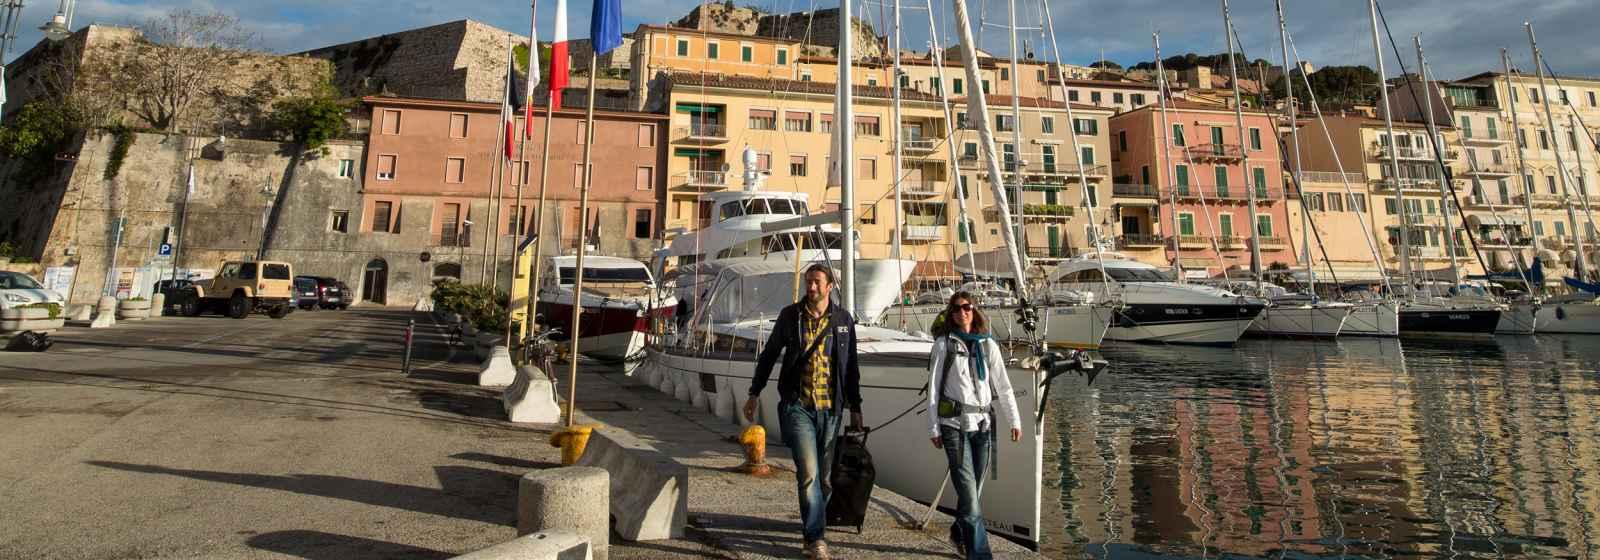 Reiseszene im Hafen von Portoferraio auf der Insel Elba, Italien.